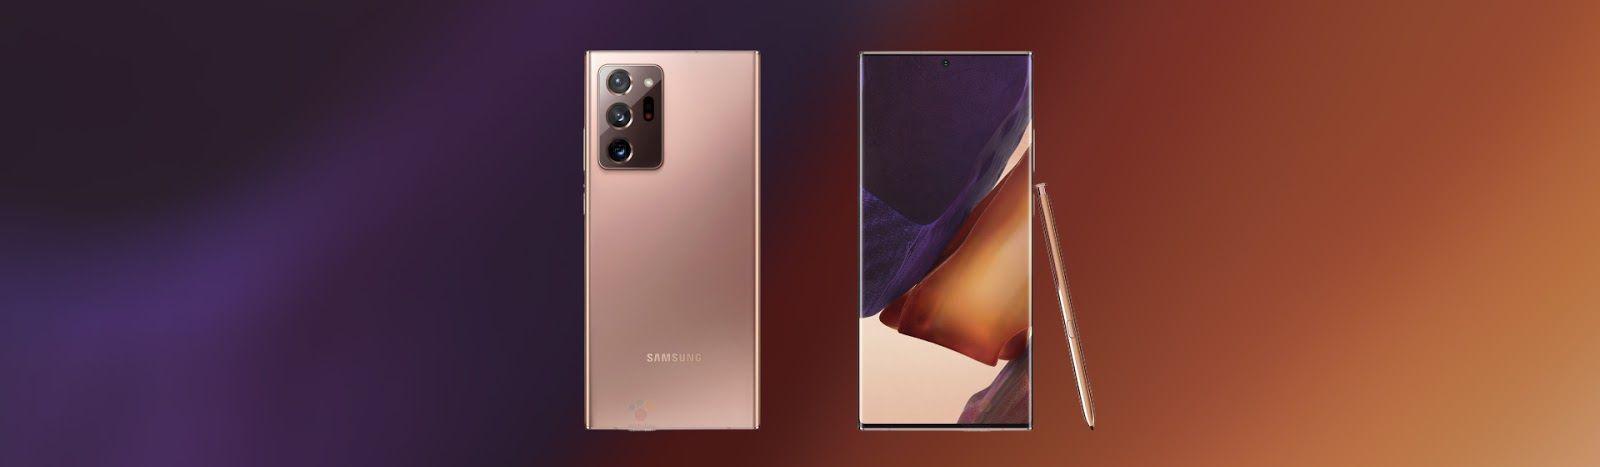 Galaxy Note 20 Ultra tem ficha técnica vazada em detalhes